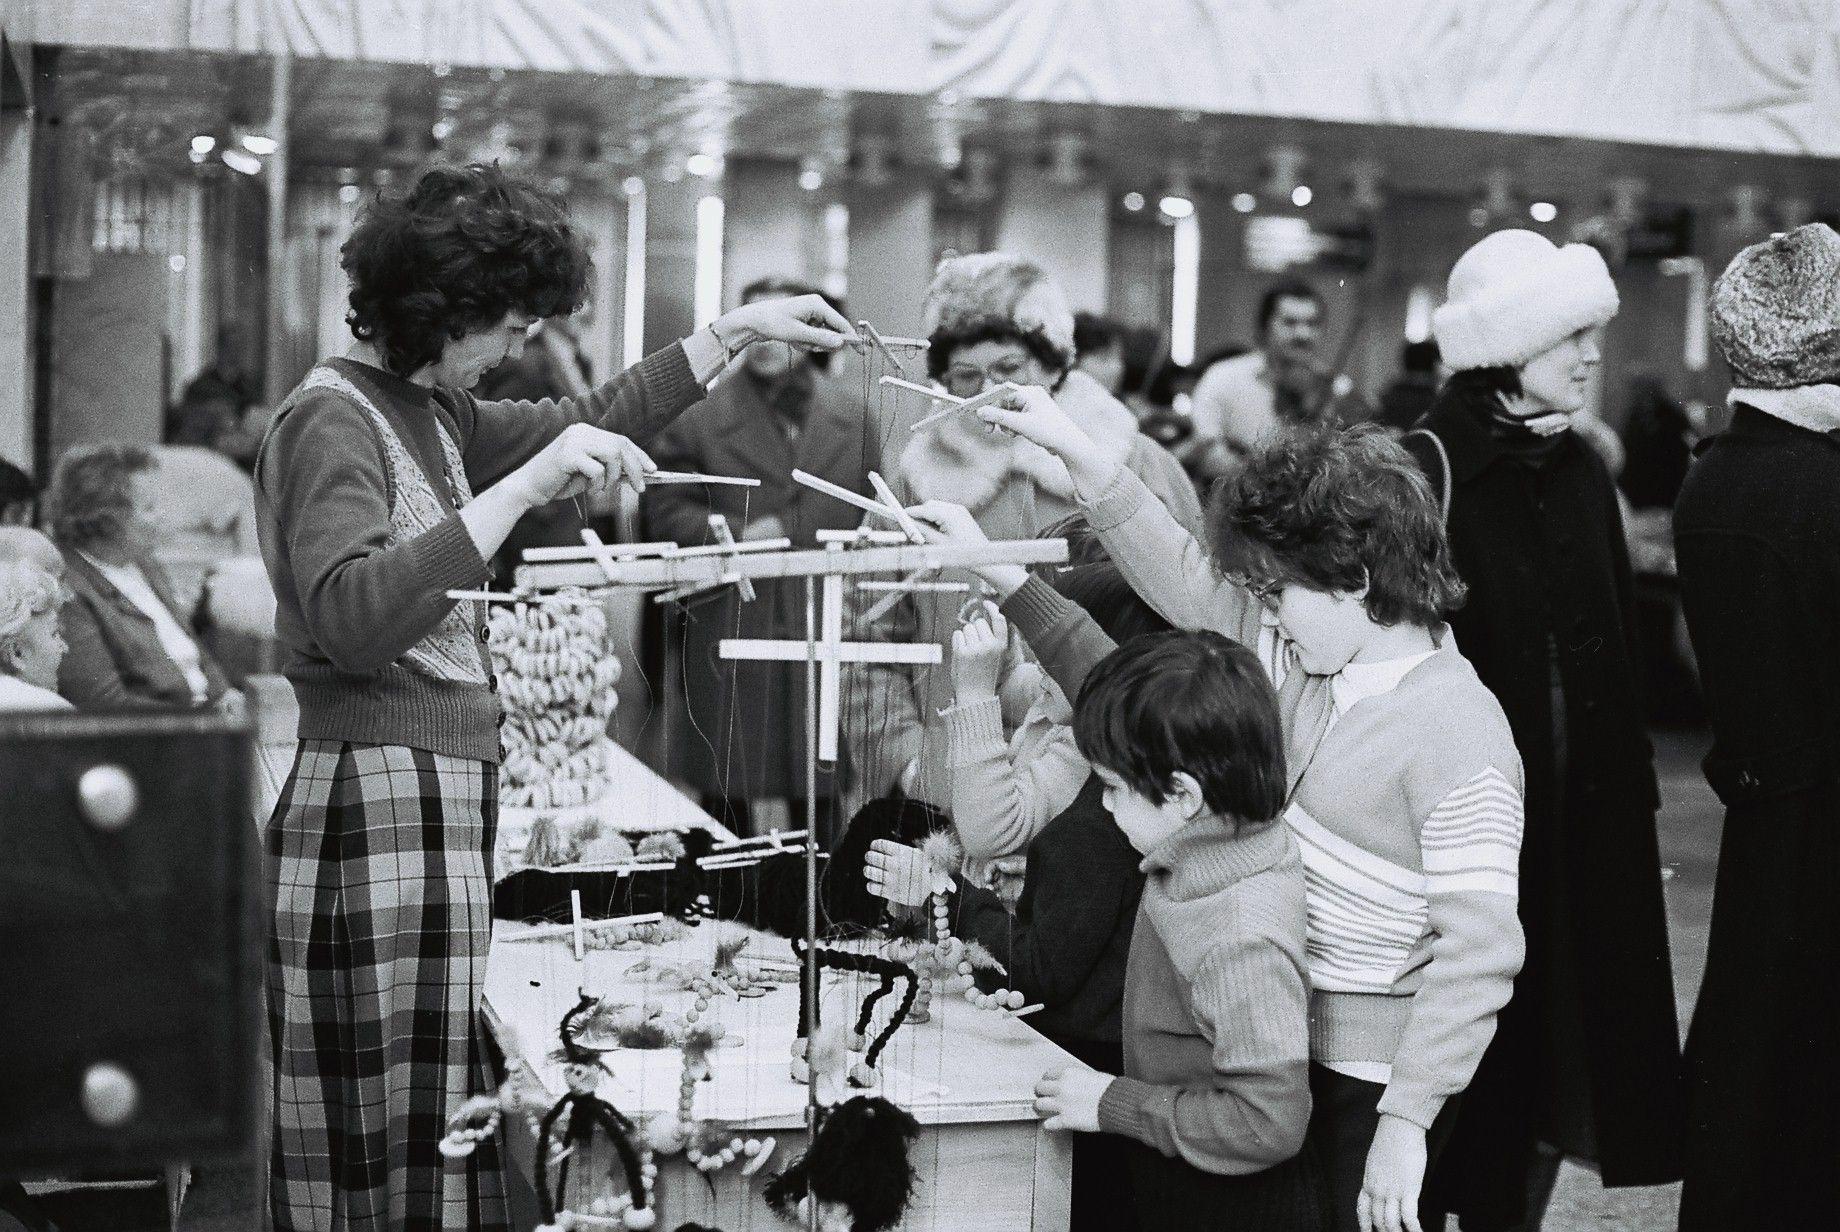 Vyberanie hračiek, Debrecín, 1983.